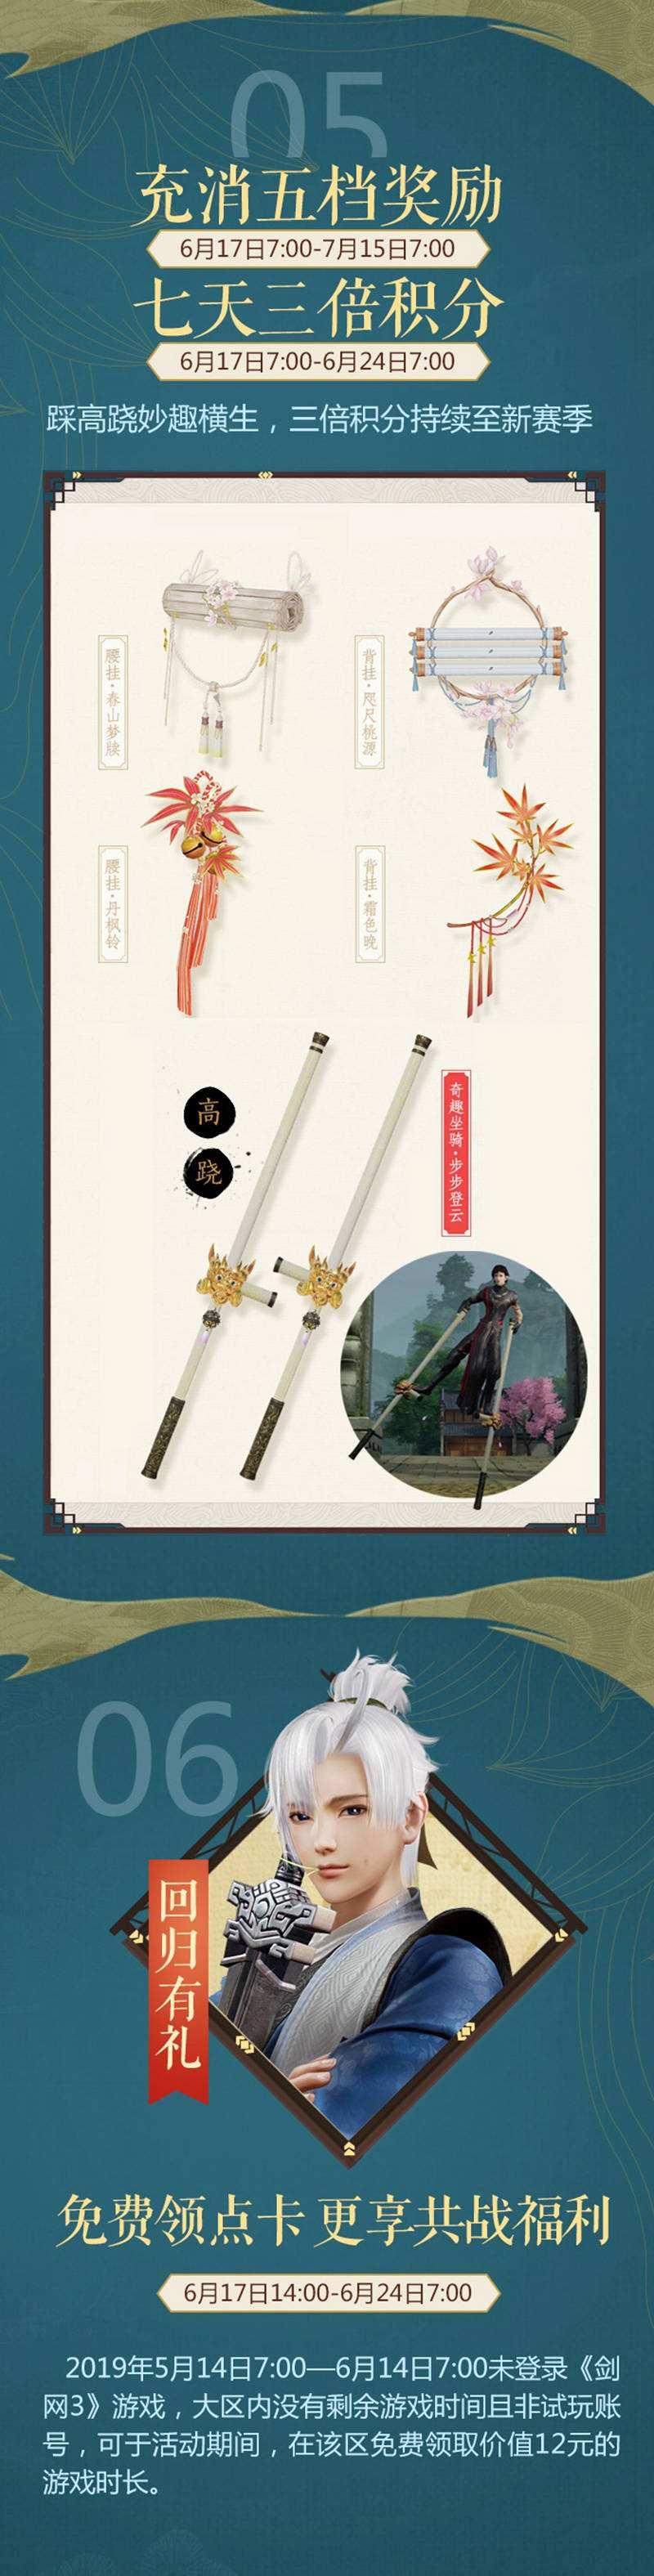 《剑网3》全新外观今日上线 新资料片周四公测